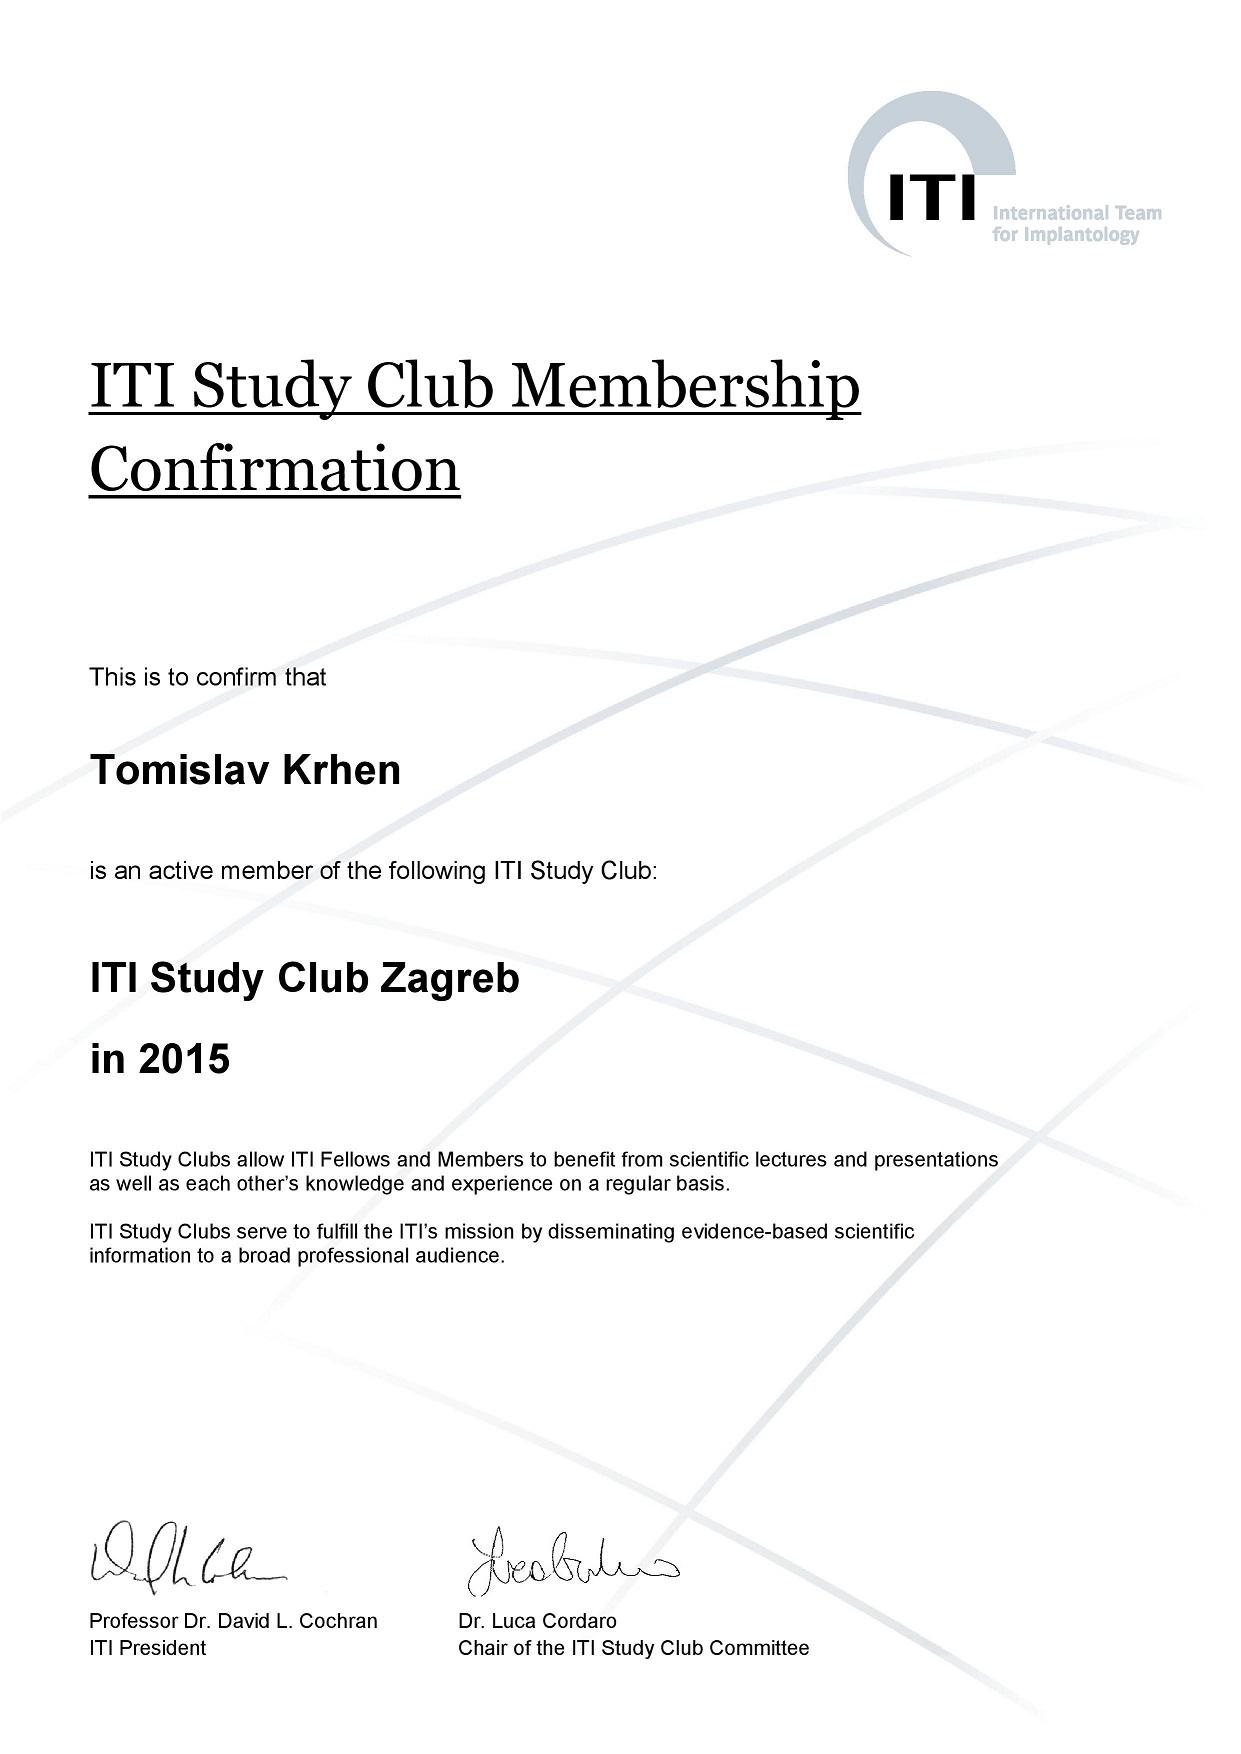 ITI Study Club 2015